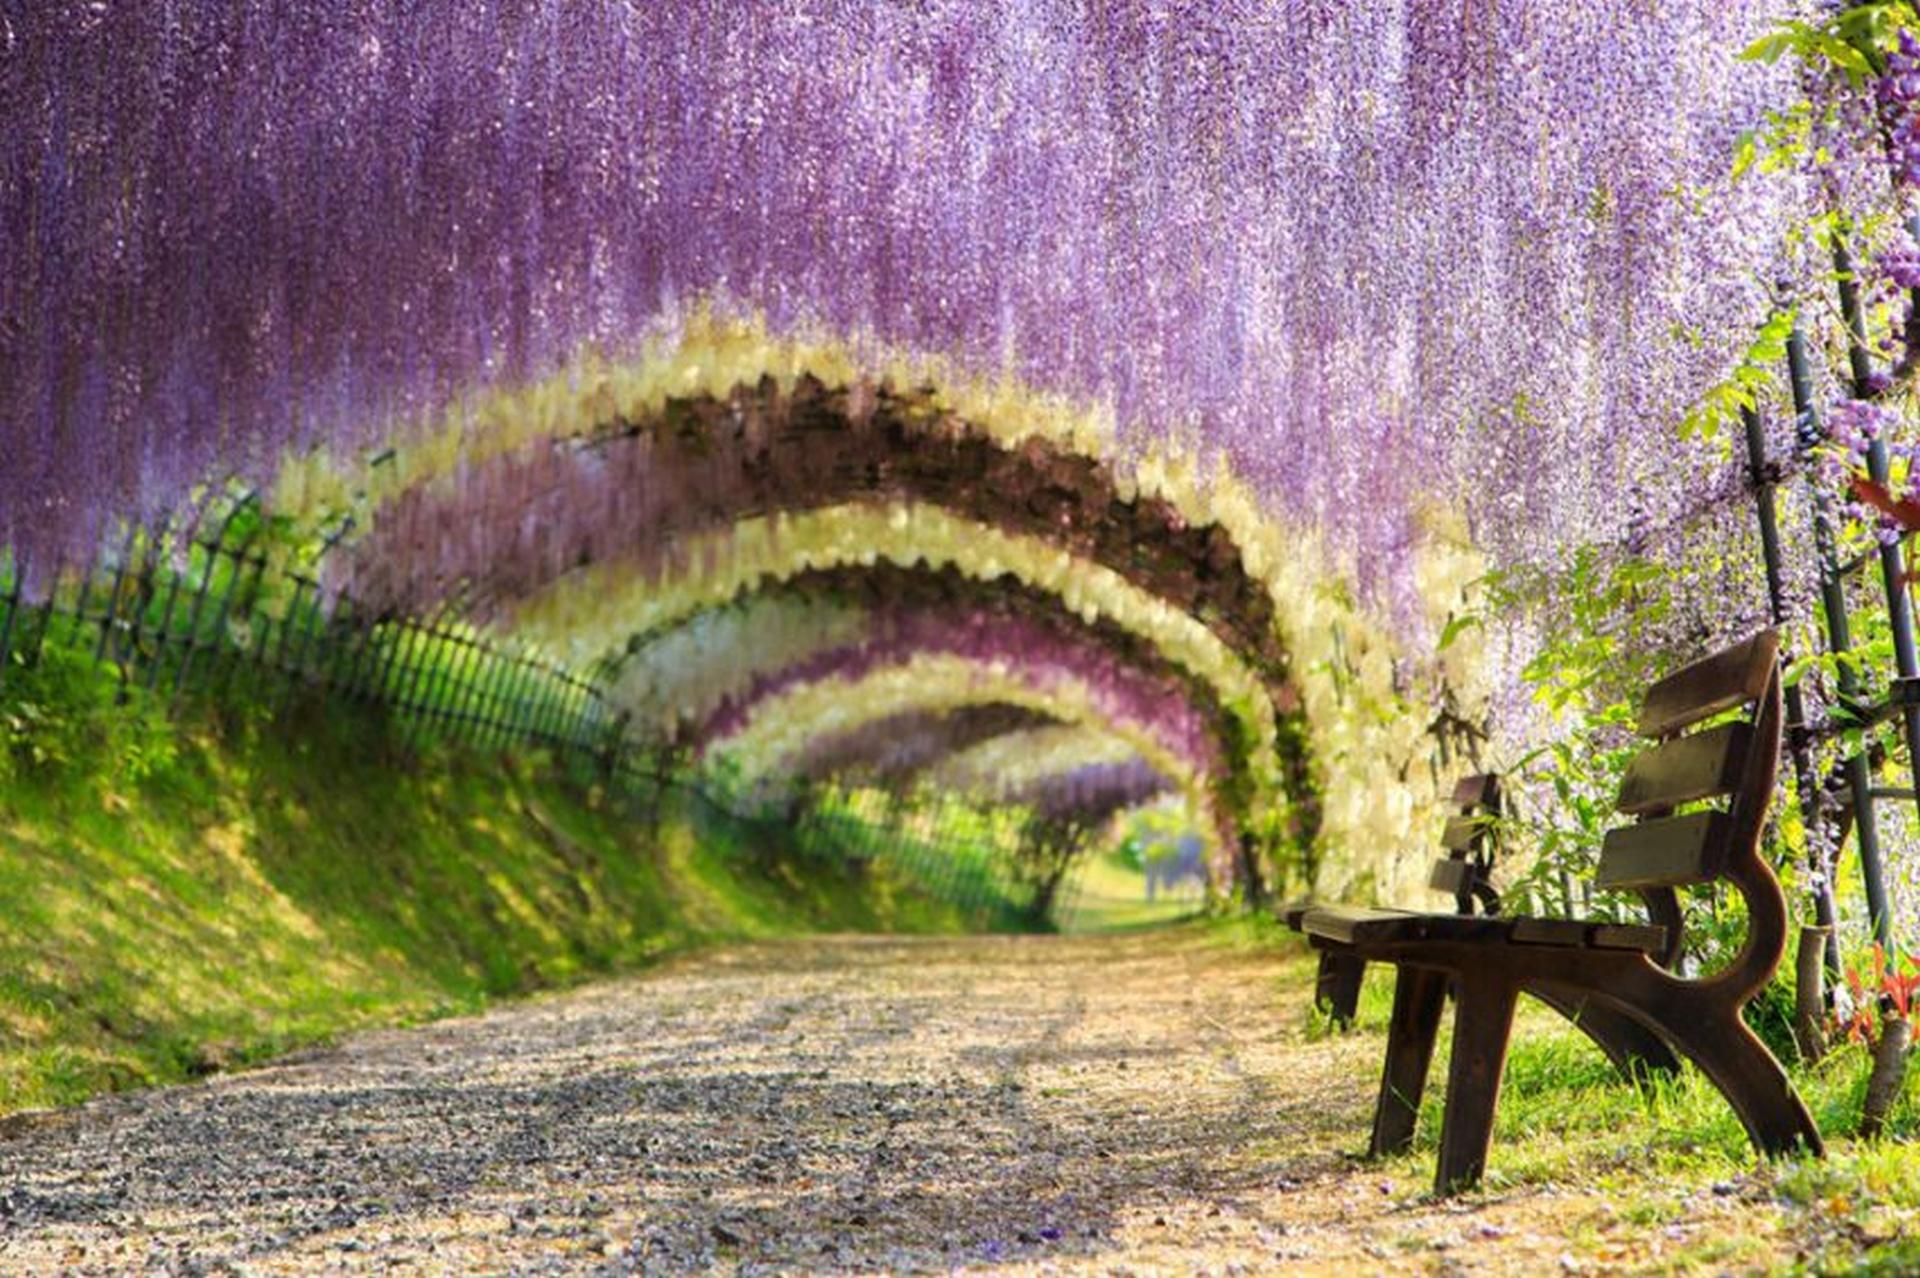 Túnel de las glicinias en flor de los jardines Kawachi Fuji (Kitakyushu, Japón)